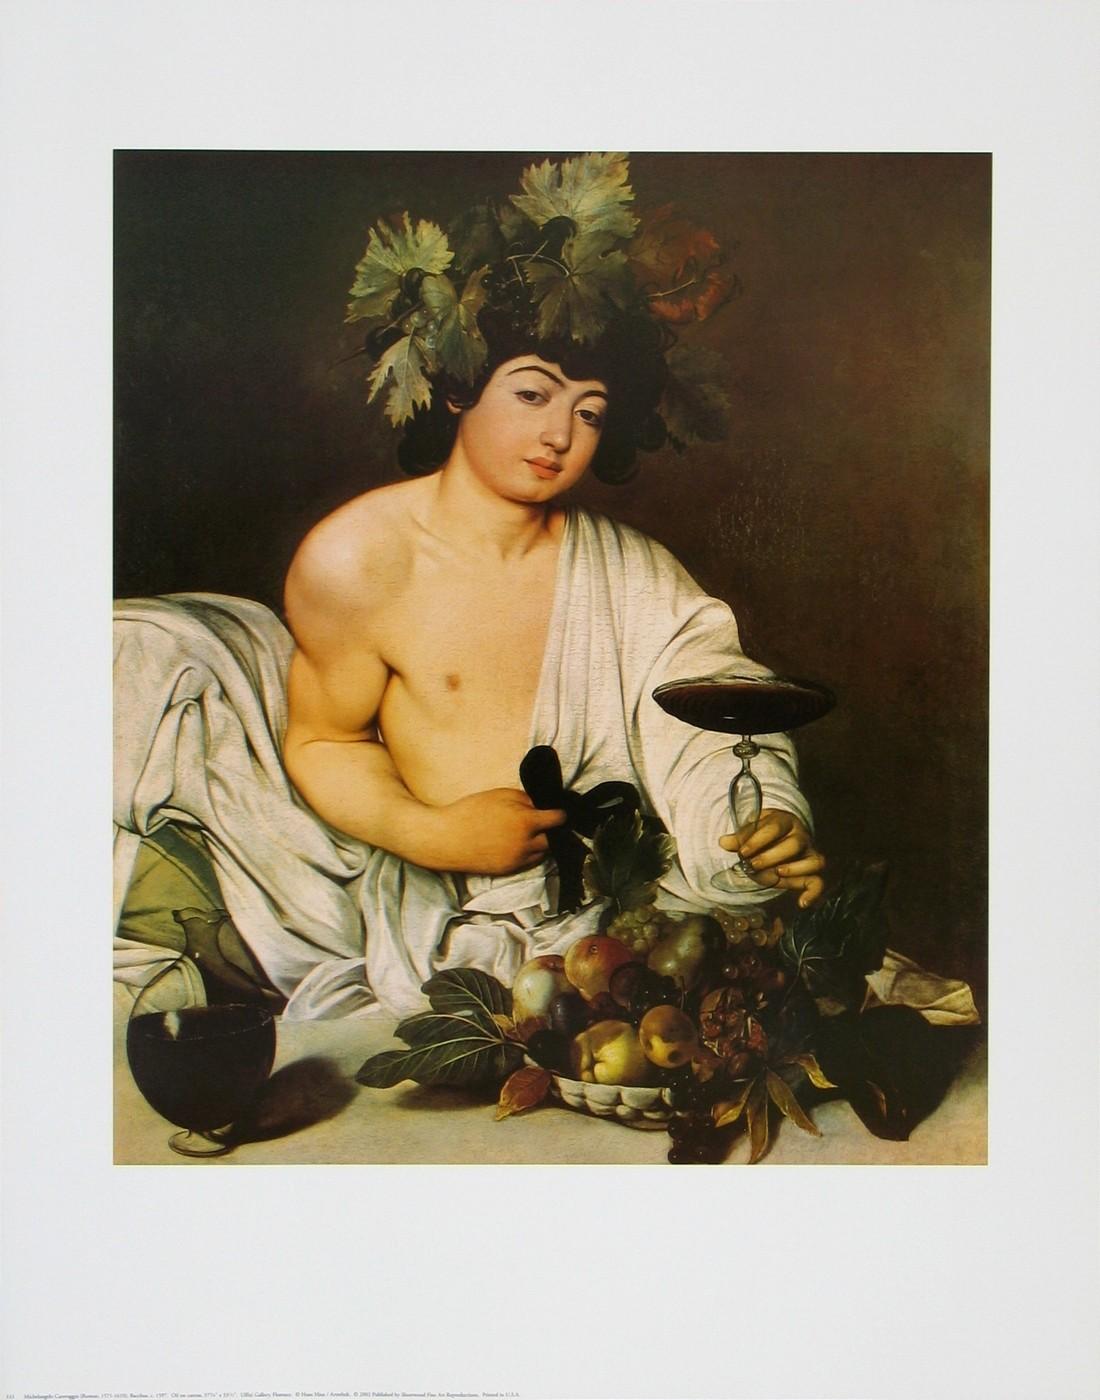 Michelangelo Caravaggio, Bacchus, ca. 1597 (Junge, Jüngling, Obstschale, Weinglas, Trauben, Früchte, Bacchus, Gott, Mythologie,  Klassiker, Barock, Esszimmer, Wohnzimmer, Weinlaub, Malerei, bunt)